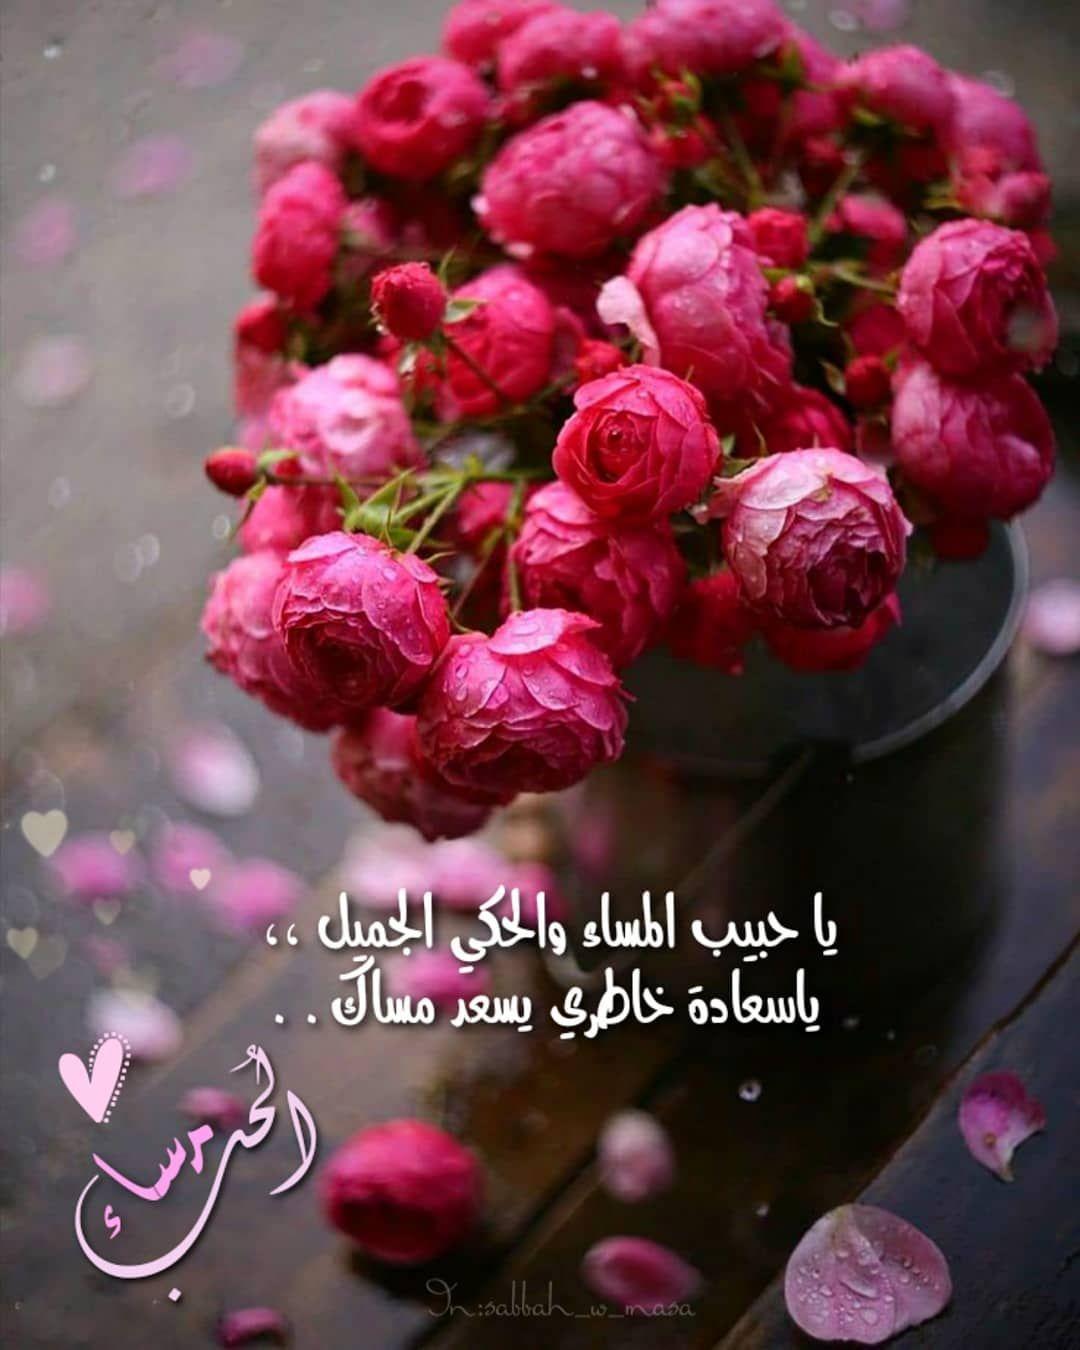 صبح و مساء On Instagram يا حبيب المساء والحك ي الجميل ياسعادة خاطري يسعد مساك Good Morning Image Quotes Beautiful Quran Quotes Evening Quotes